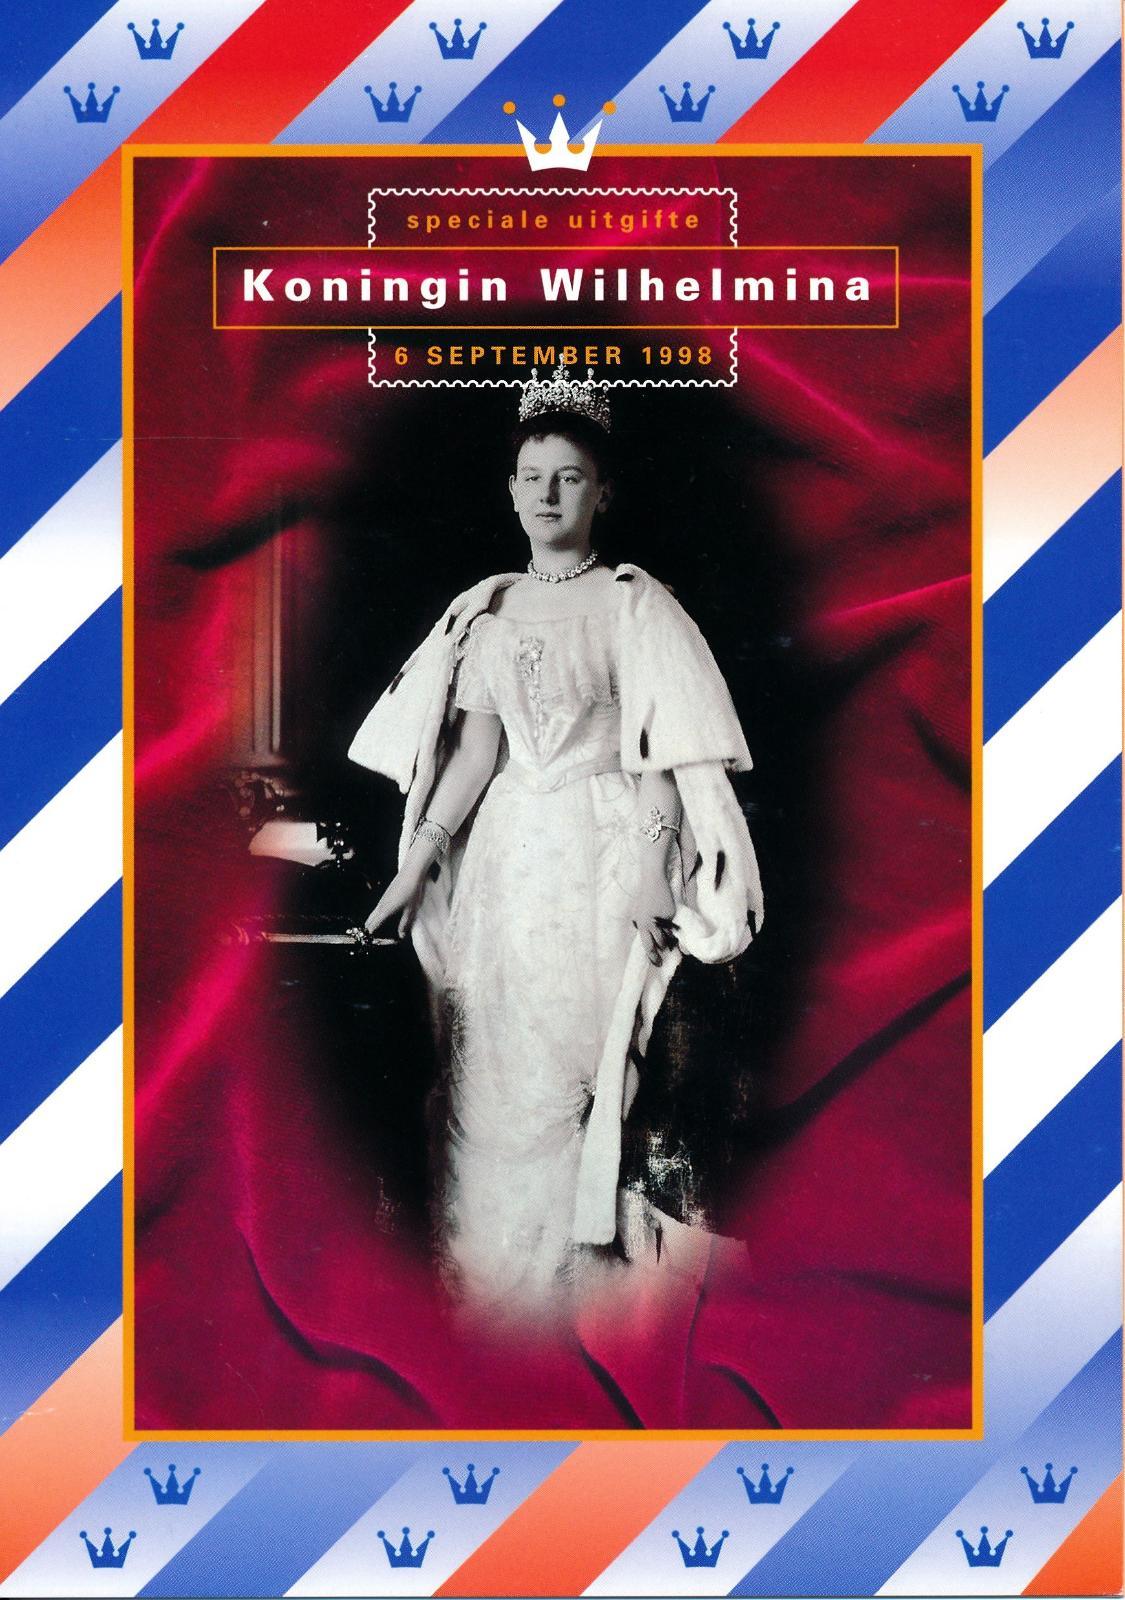 Nederland 1998 Themamapje Koningin Wilhelmina